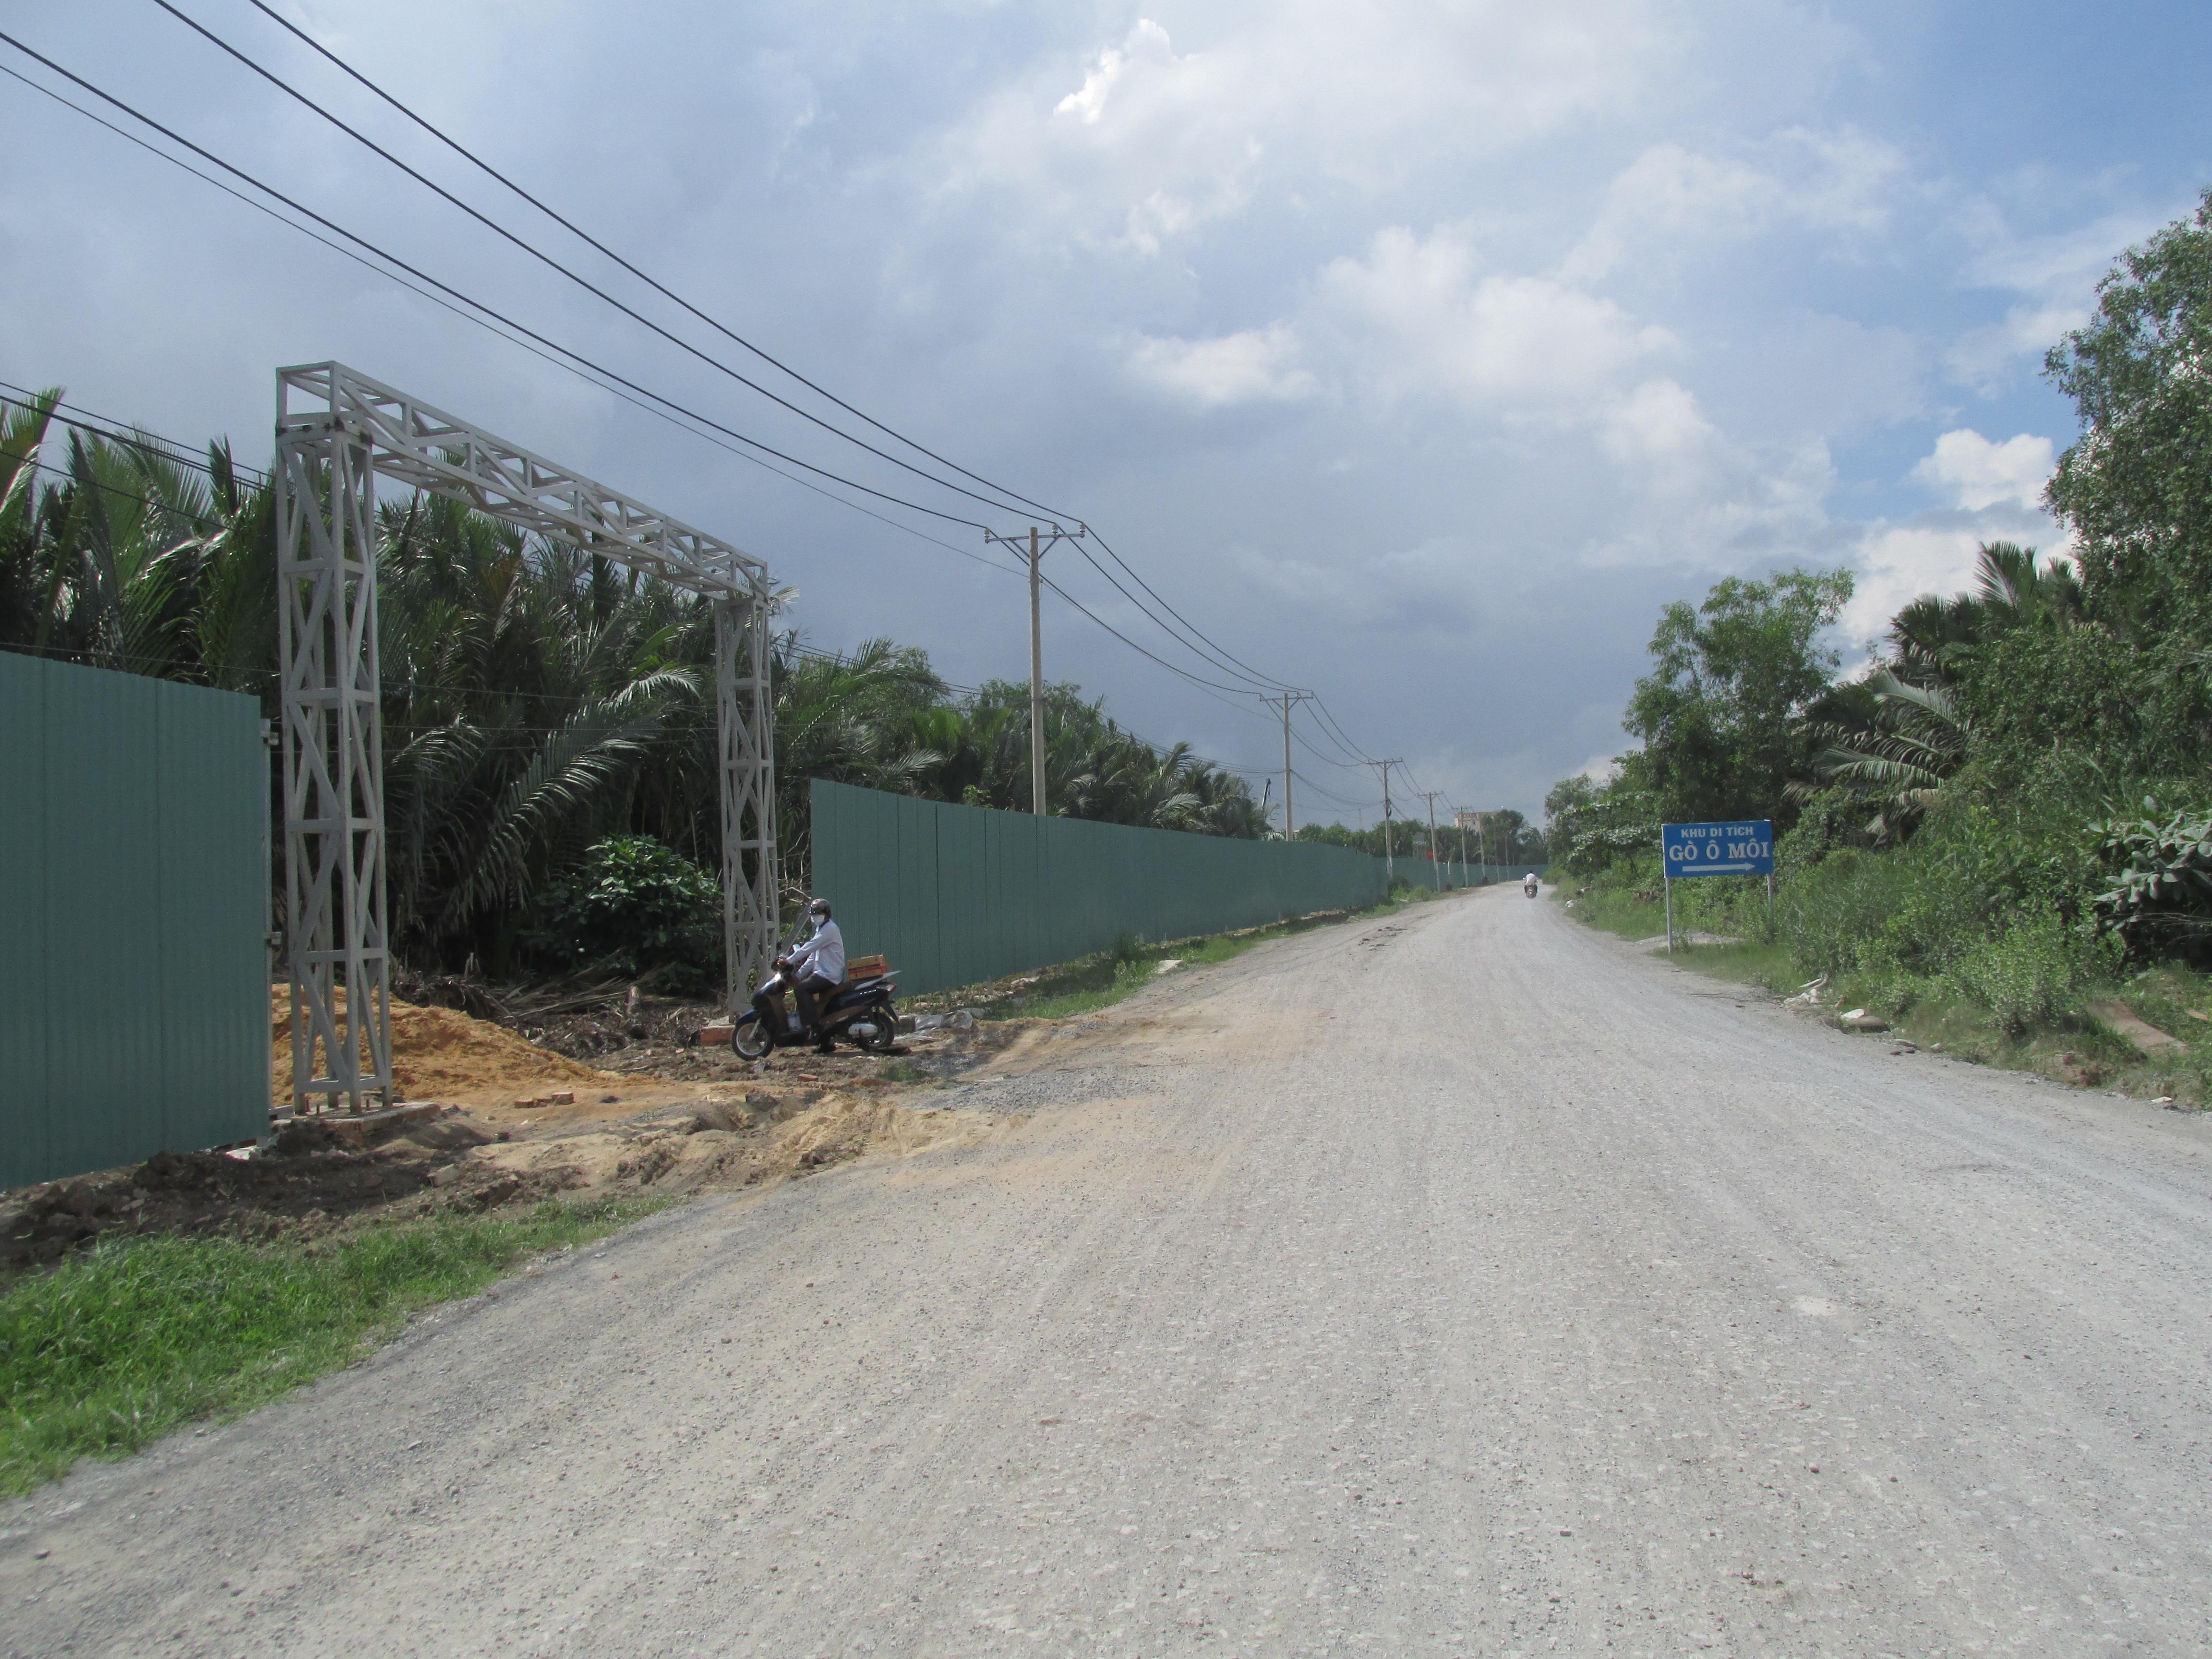 Lối chính dẫn vào khu vực dự án. Theo nhiều người dân nơi đây, trong vài tháng từ đầu năm đến nay, ngày nào cũng có hàng đoàn xe tải chở vật liệu xây dựng tập kết tại dự án.